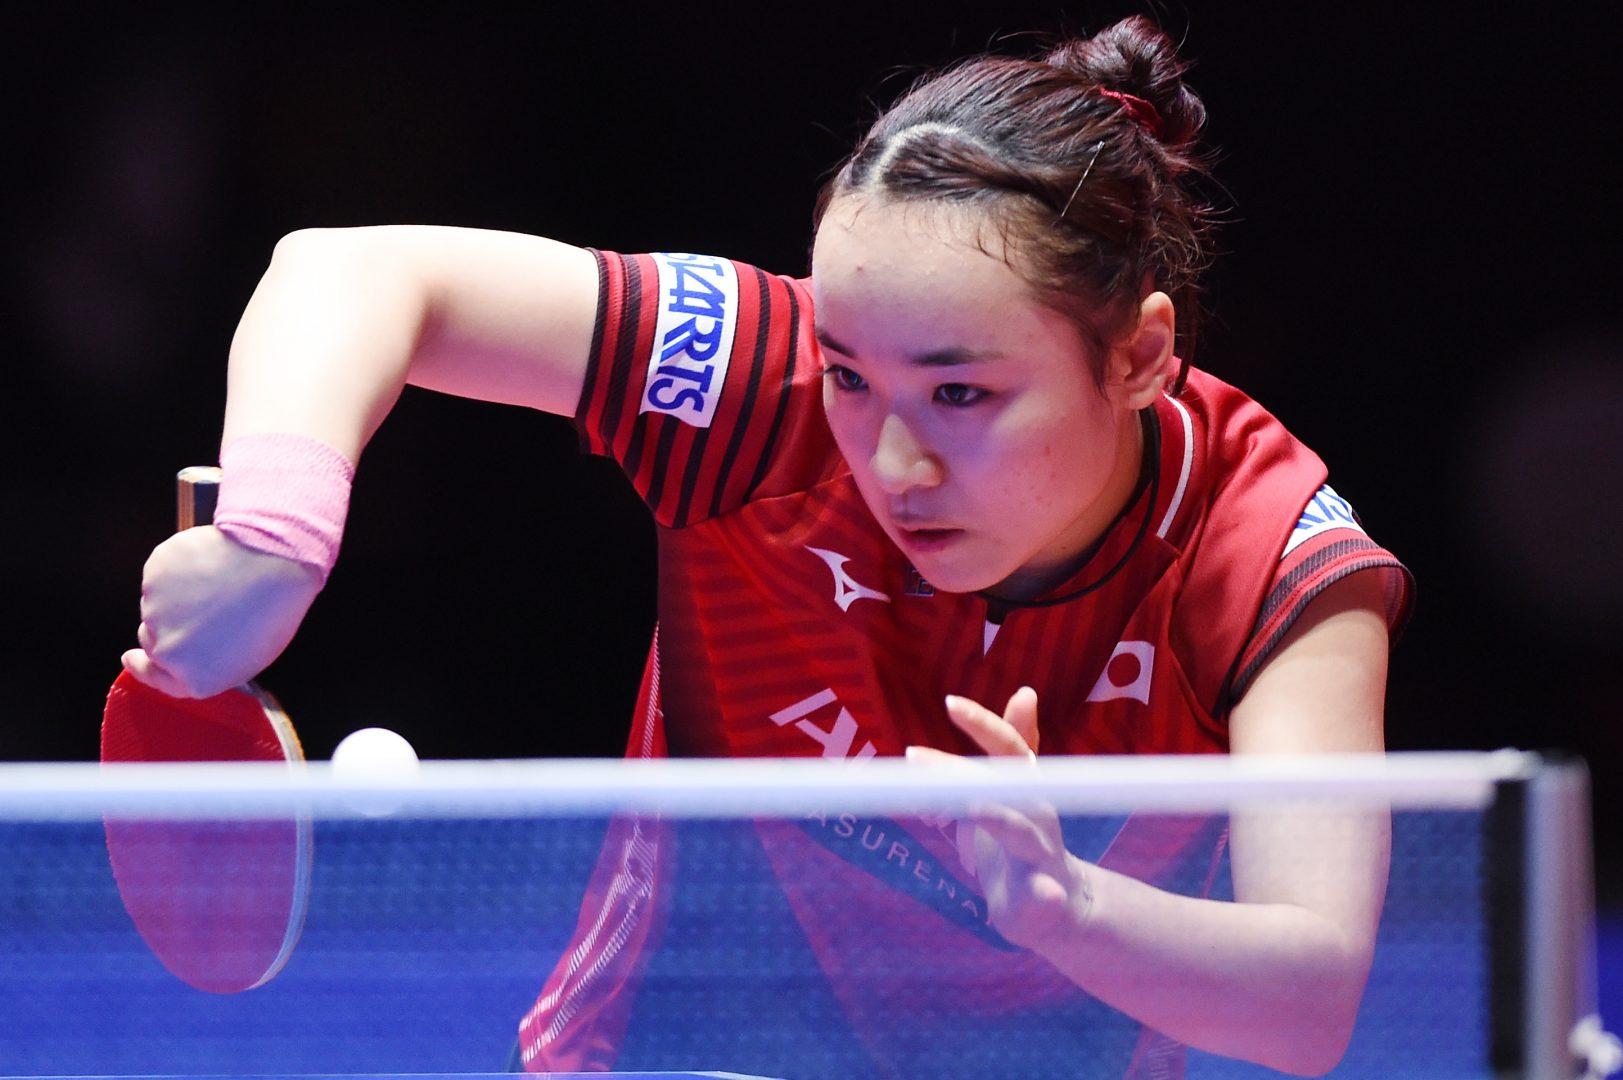 伊藤美誠、今季ツアー初優勝 元世界ランク1位・朱相手に「いい試合ができました」<卓球・オーストリアオープン>